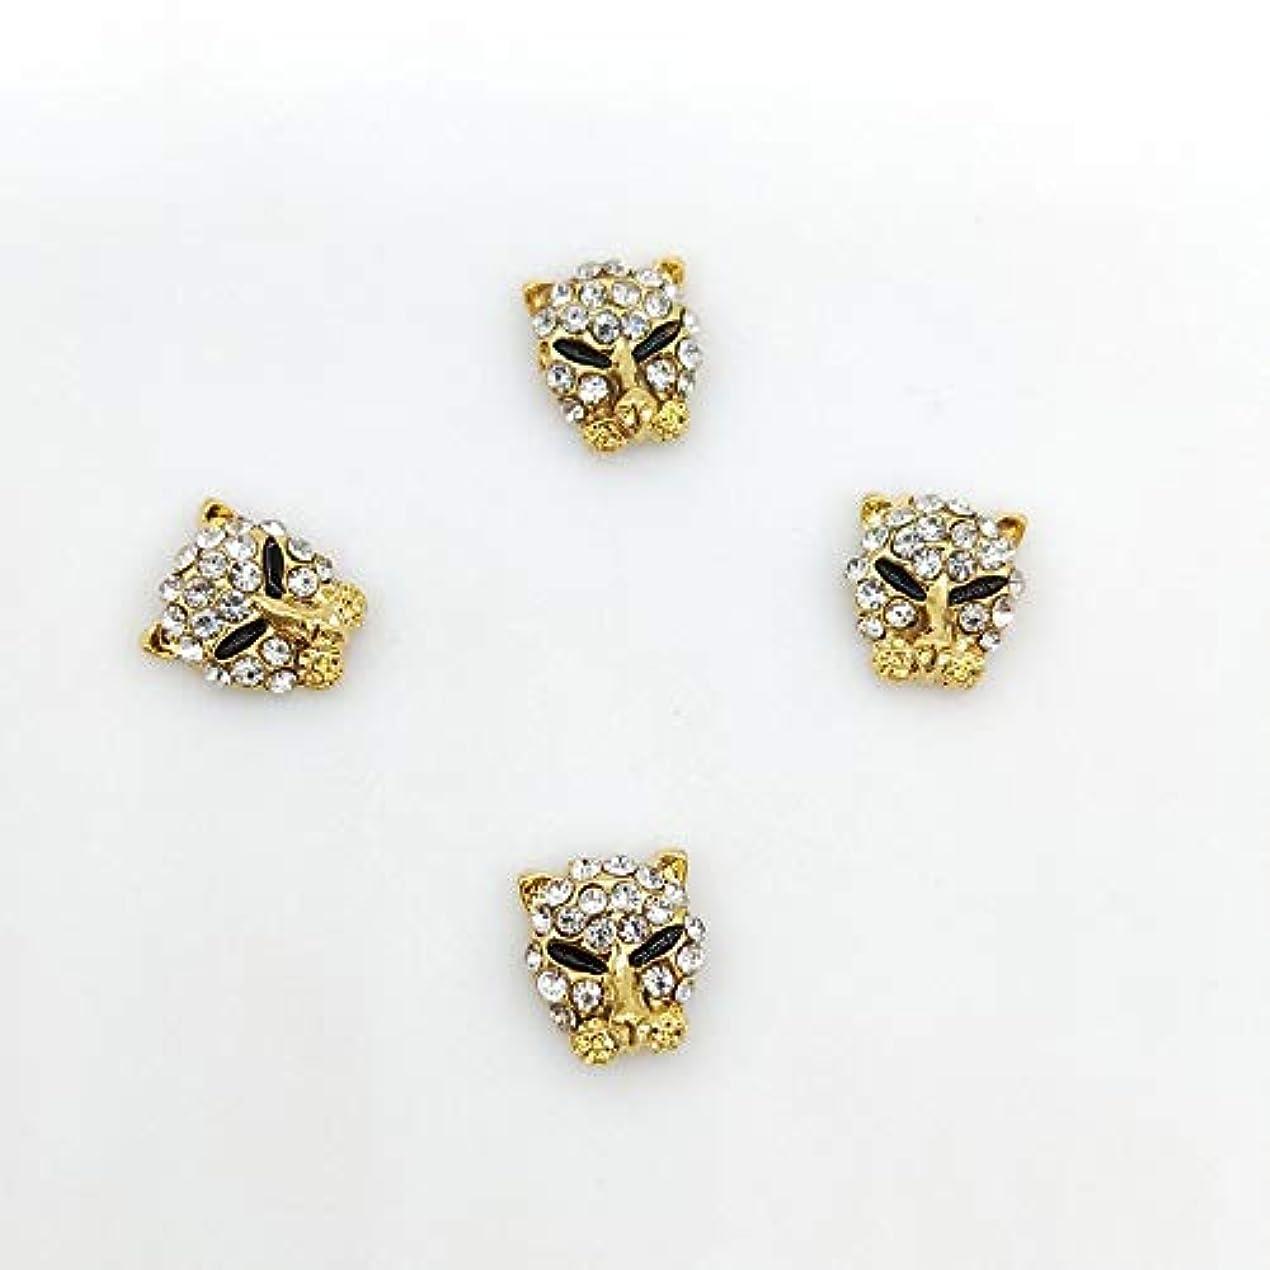 気配りのあるアナニバーあらゆる種類の10 PCS /バッグクリアラインストーンの釘のジュエリーLeopardの形状ネイルアートの装飾宝石の3D合金ネイルダイヤモンドDIYマニキュア